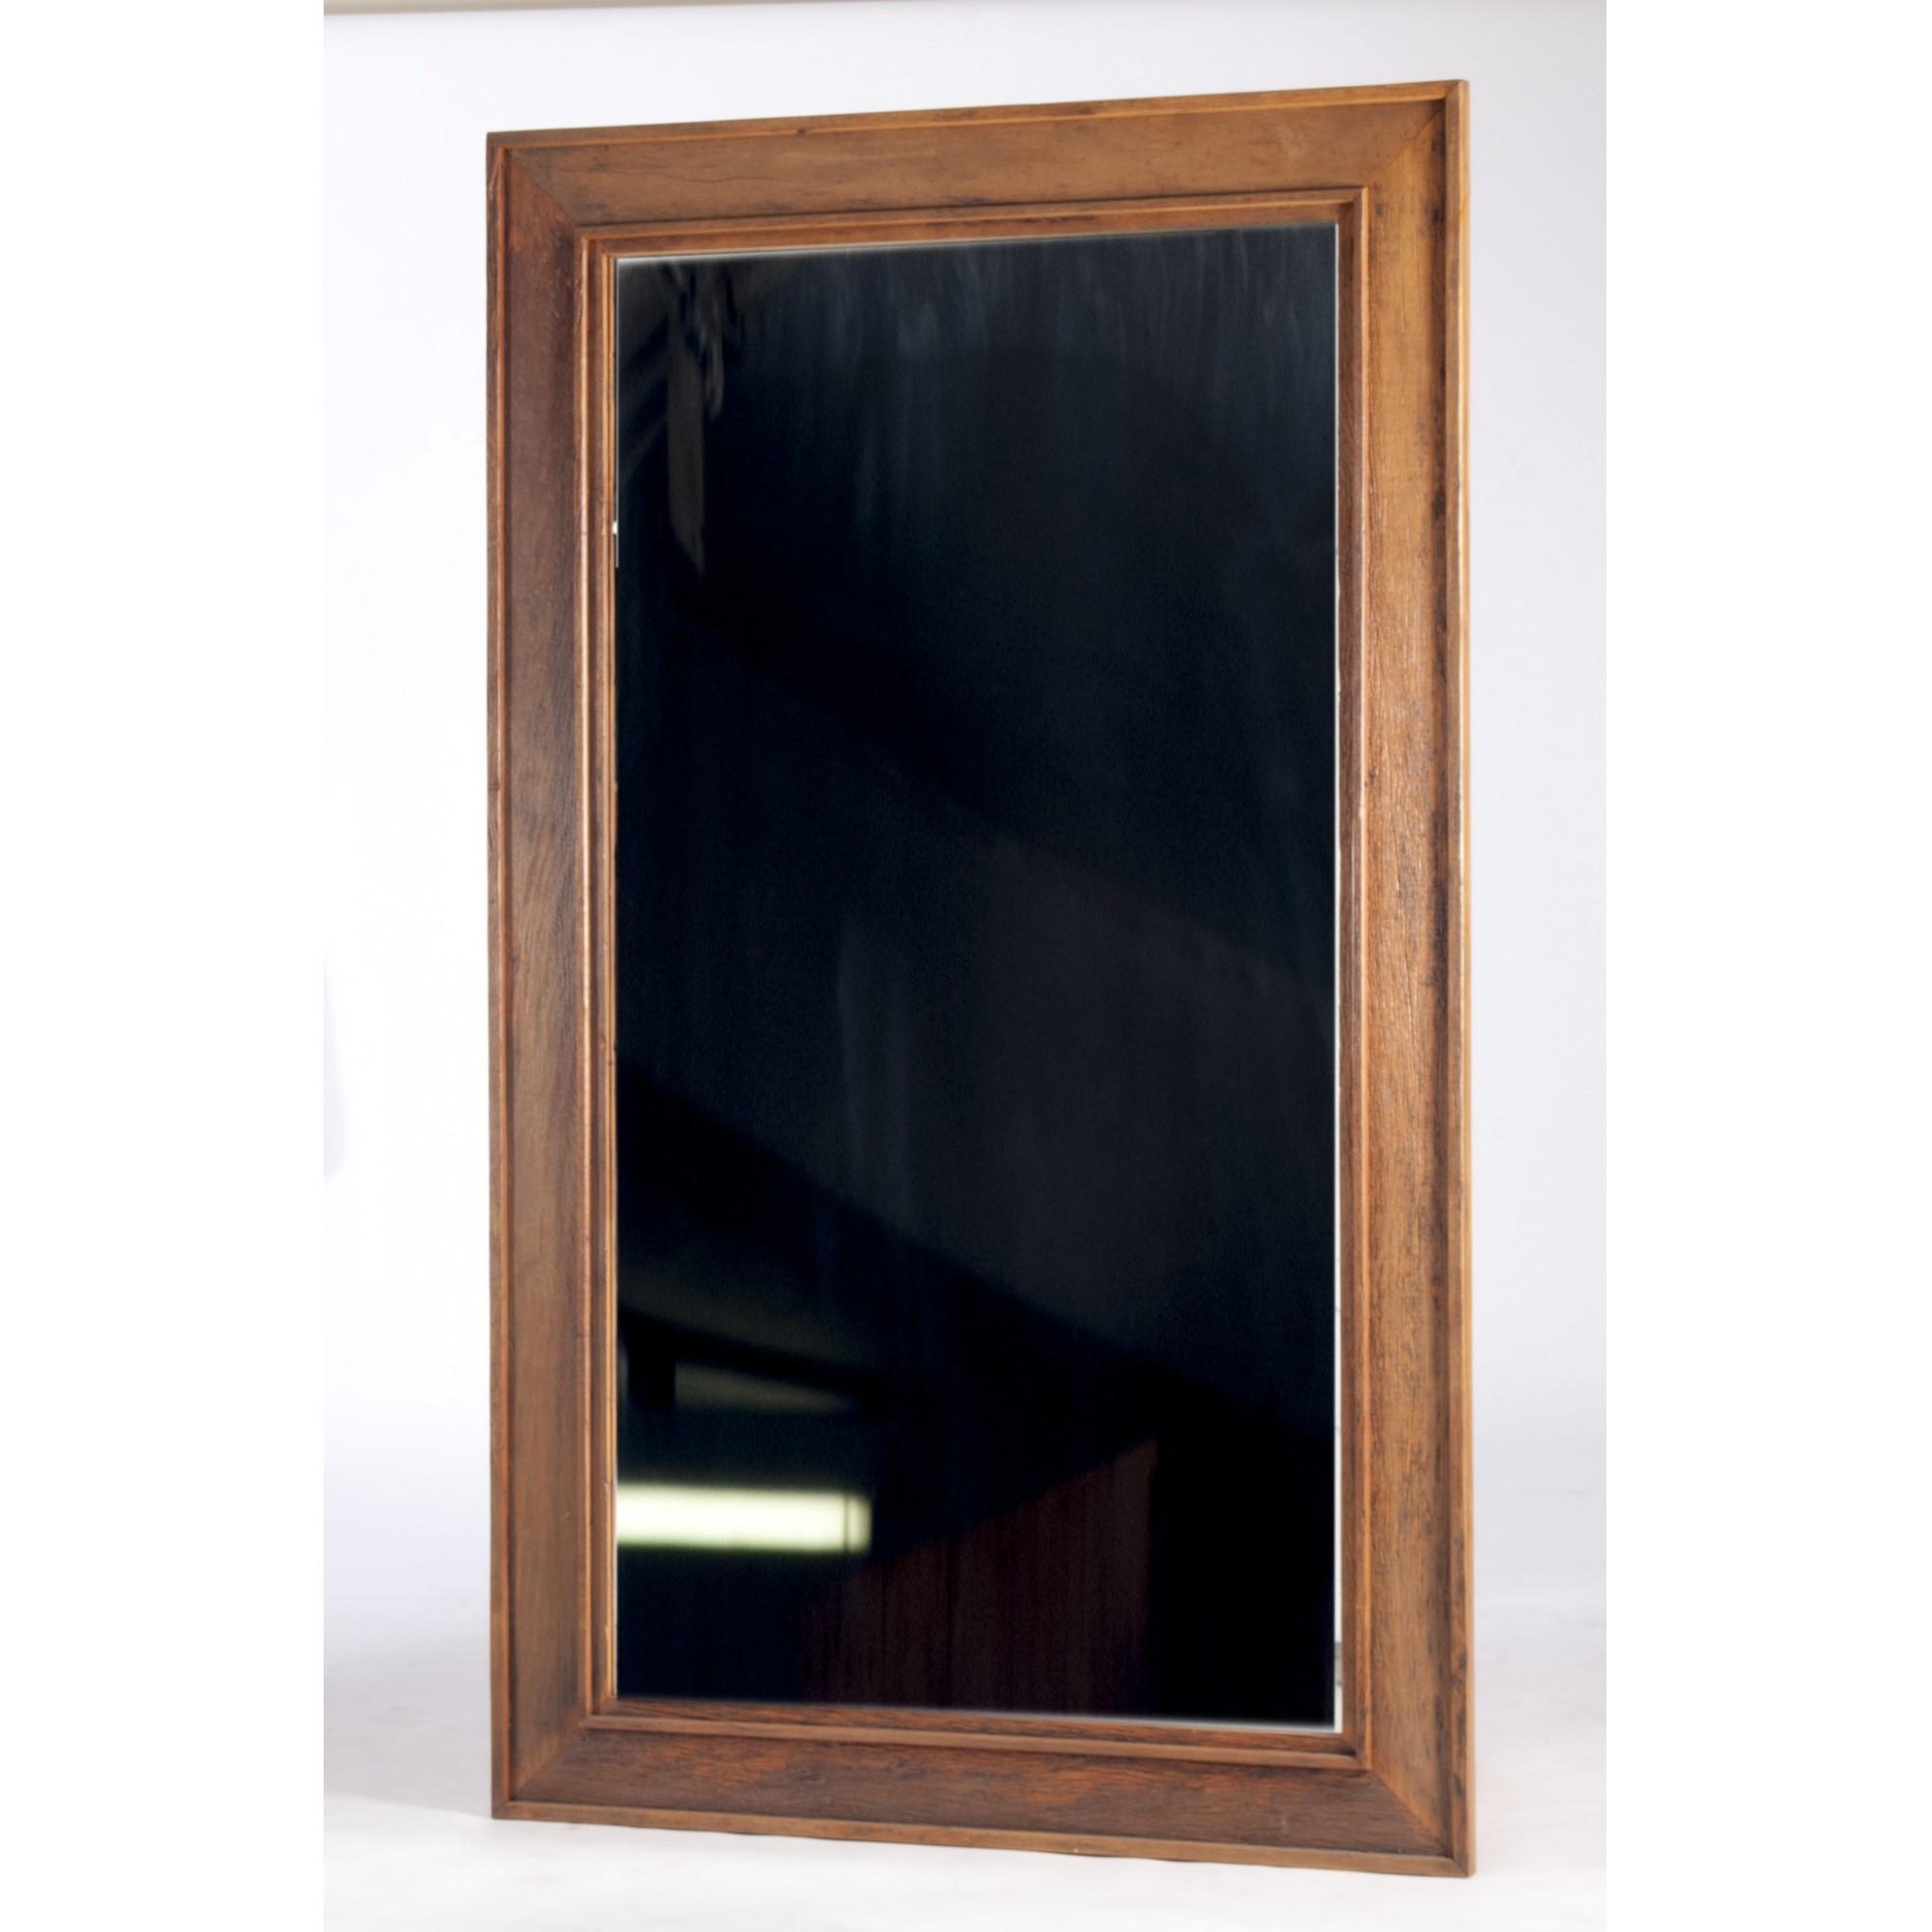 Moldura tábua 2 frisos com espelho